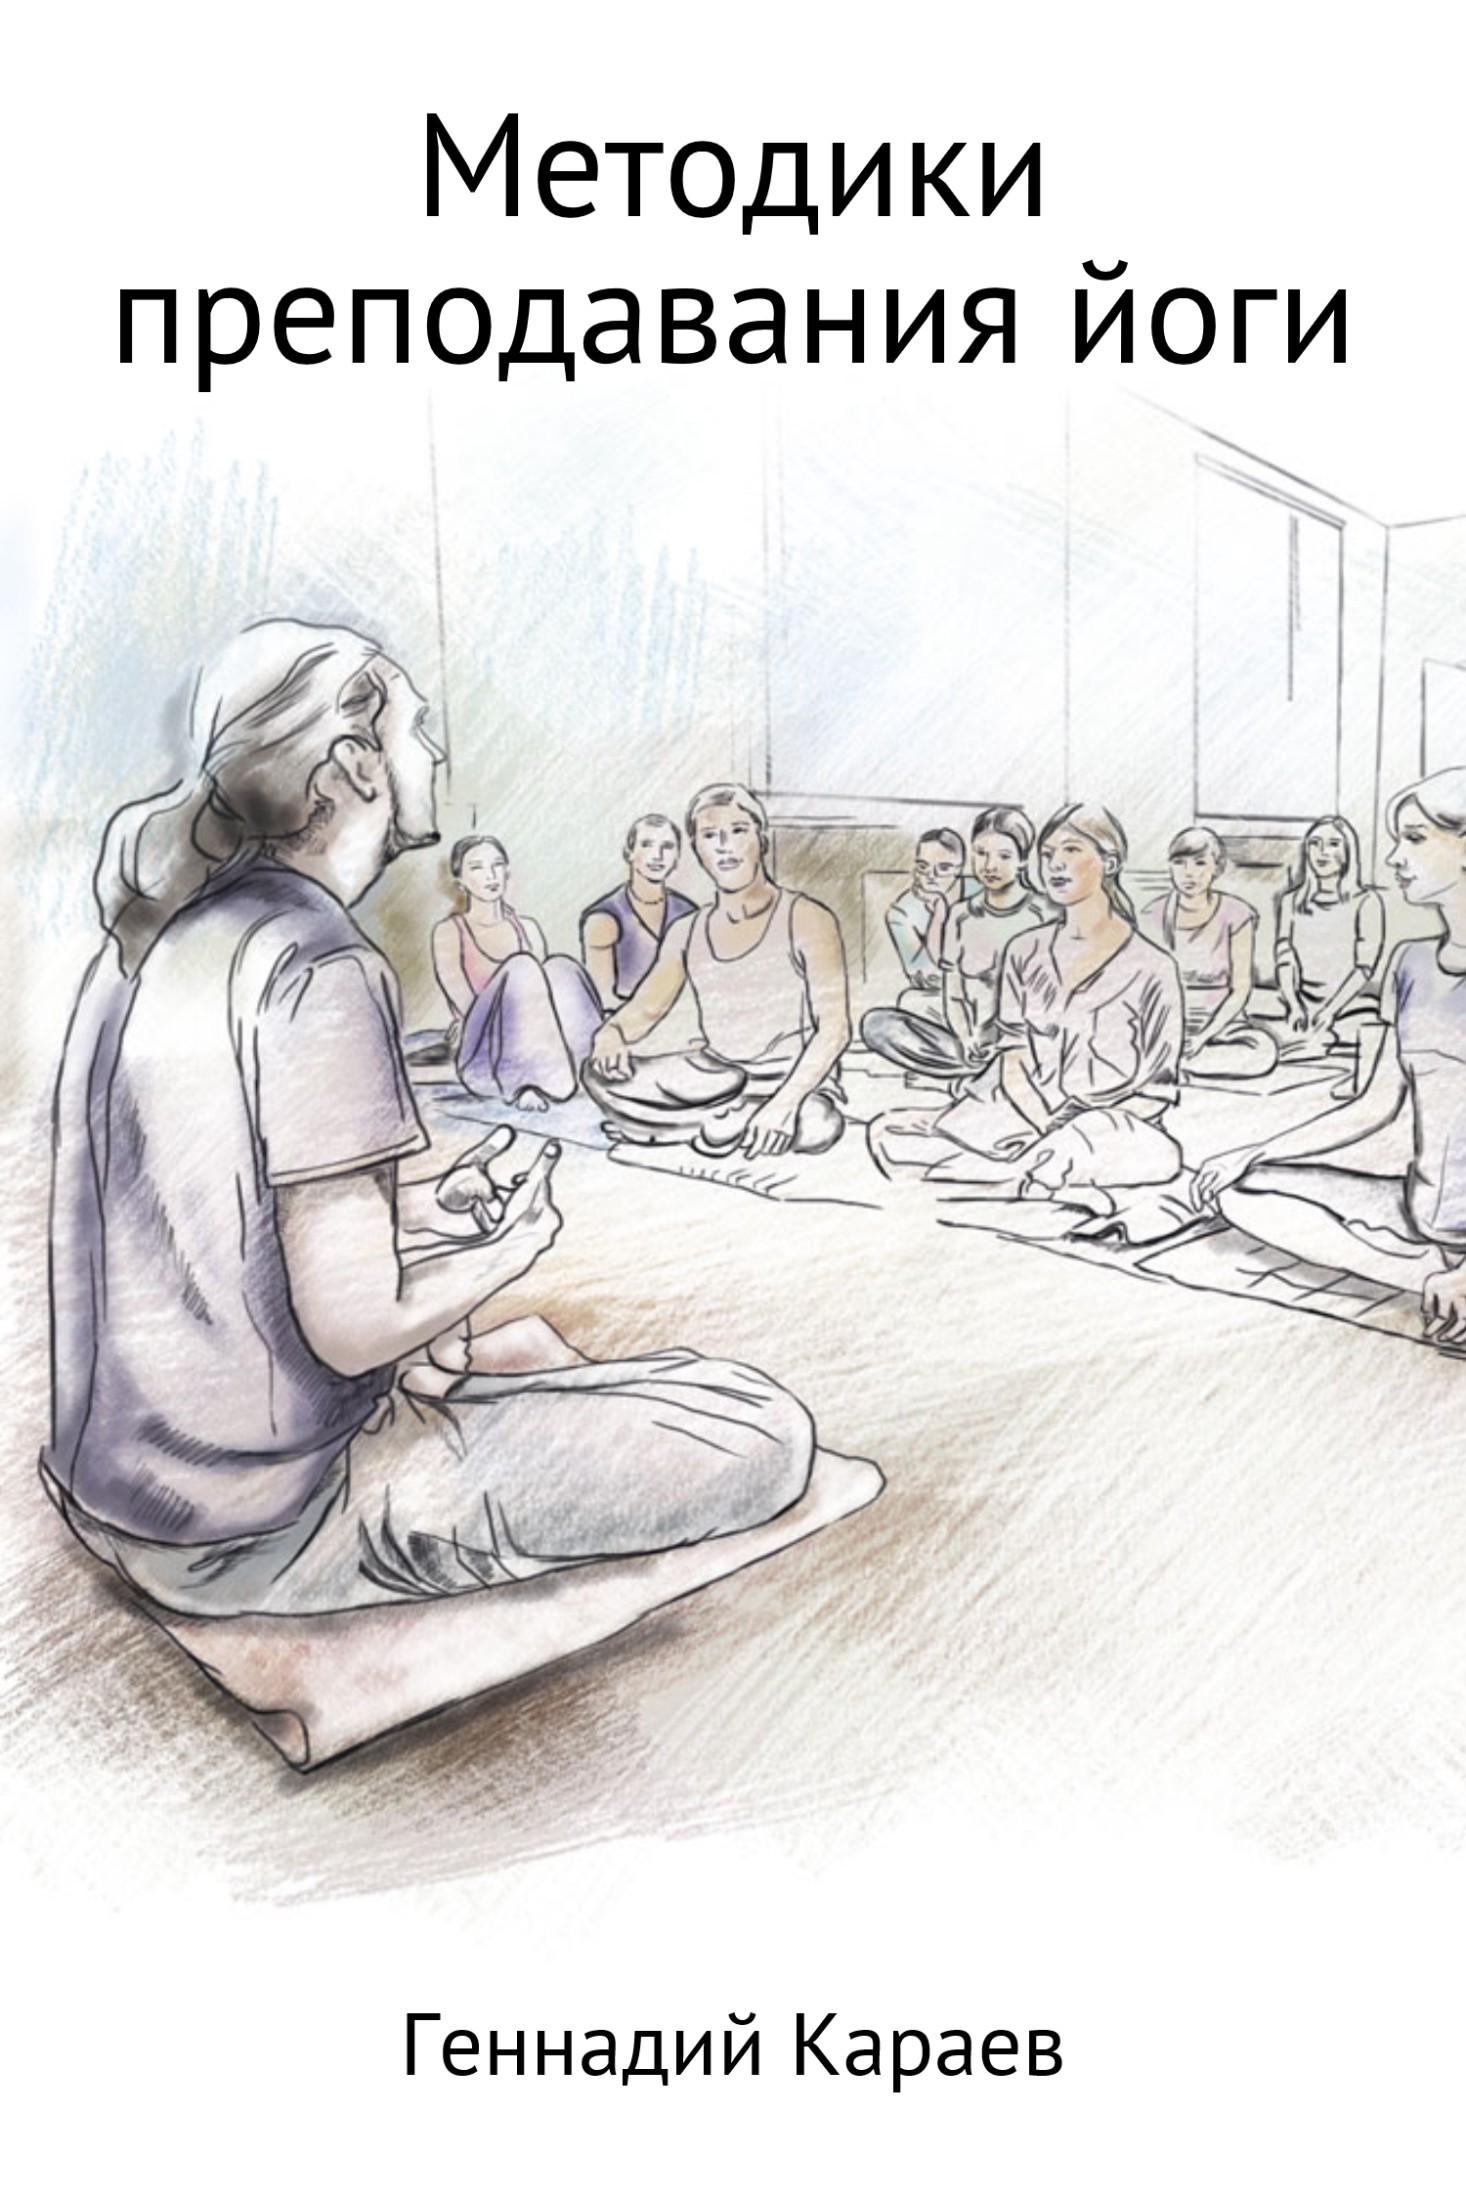 Методики преподавания йоги